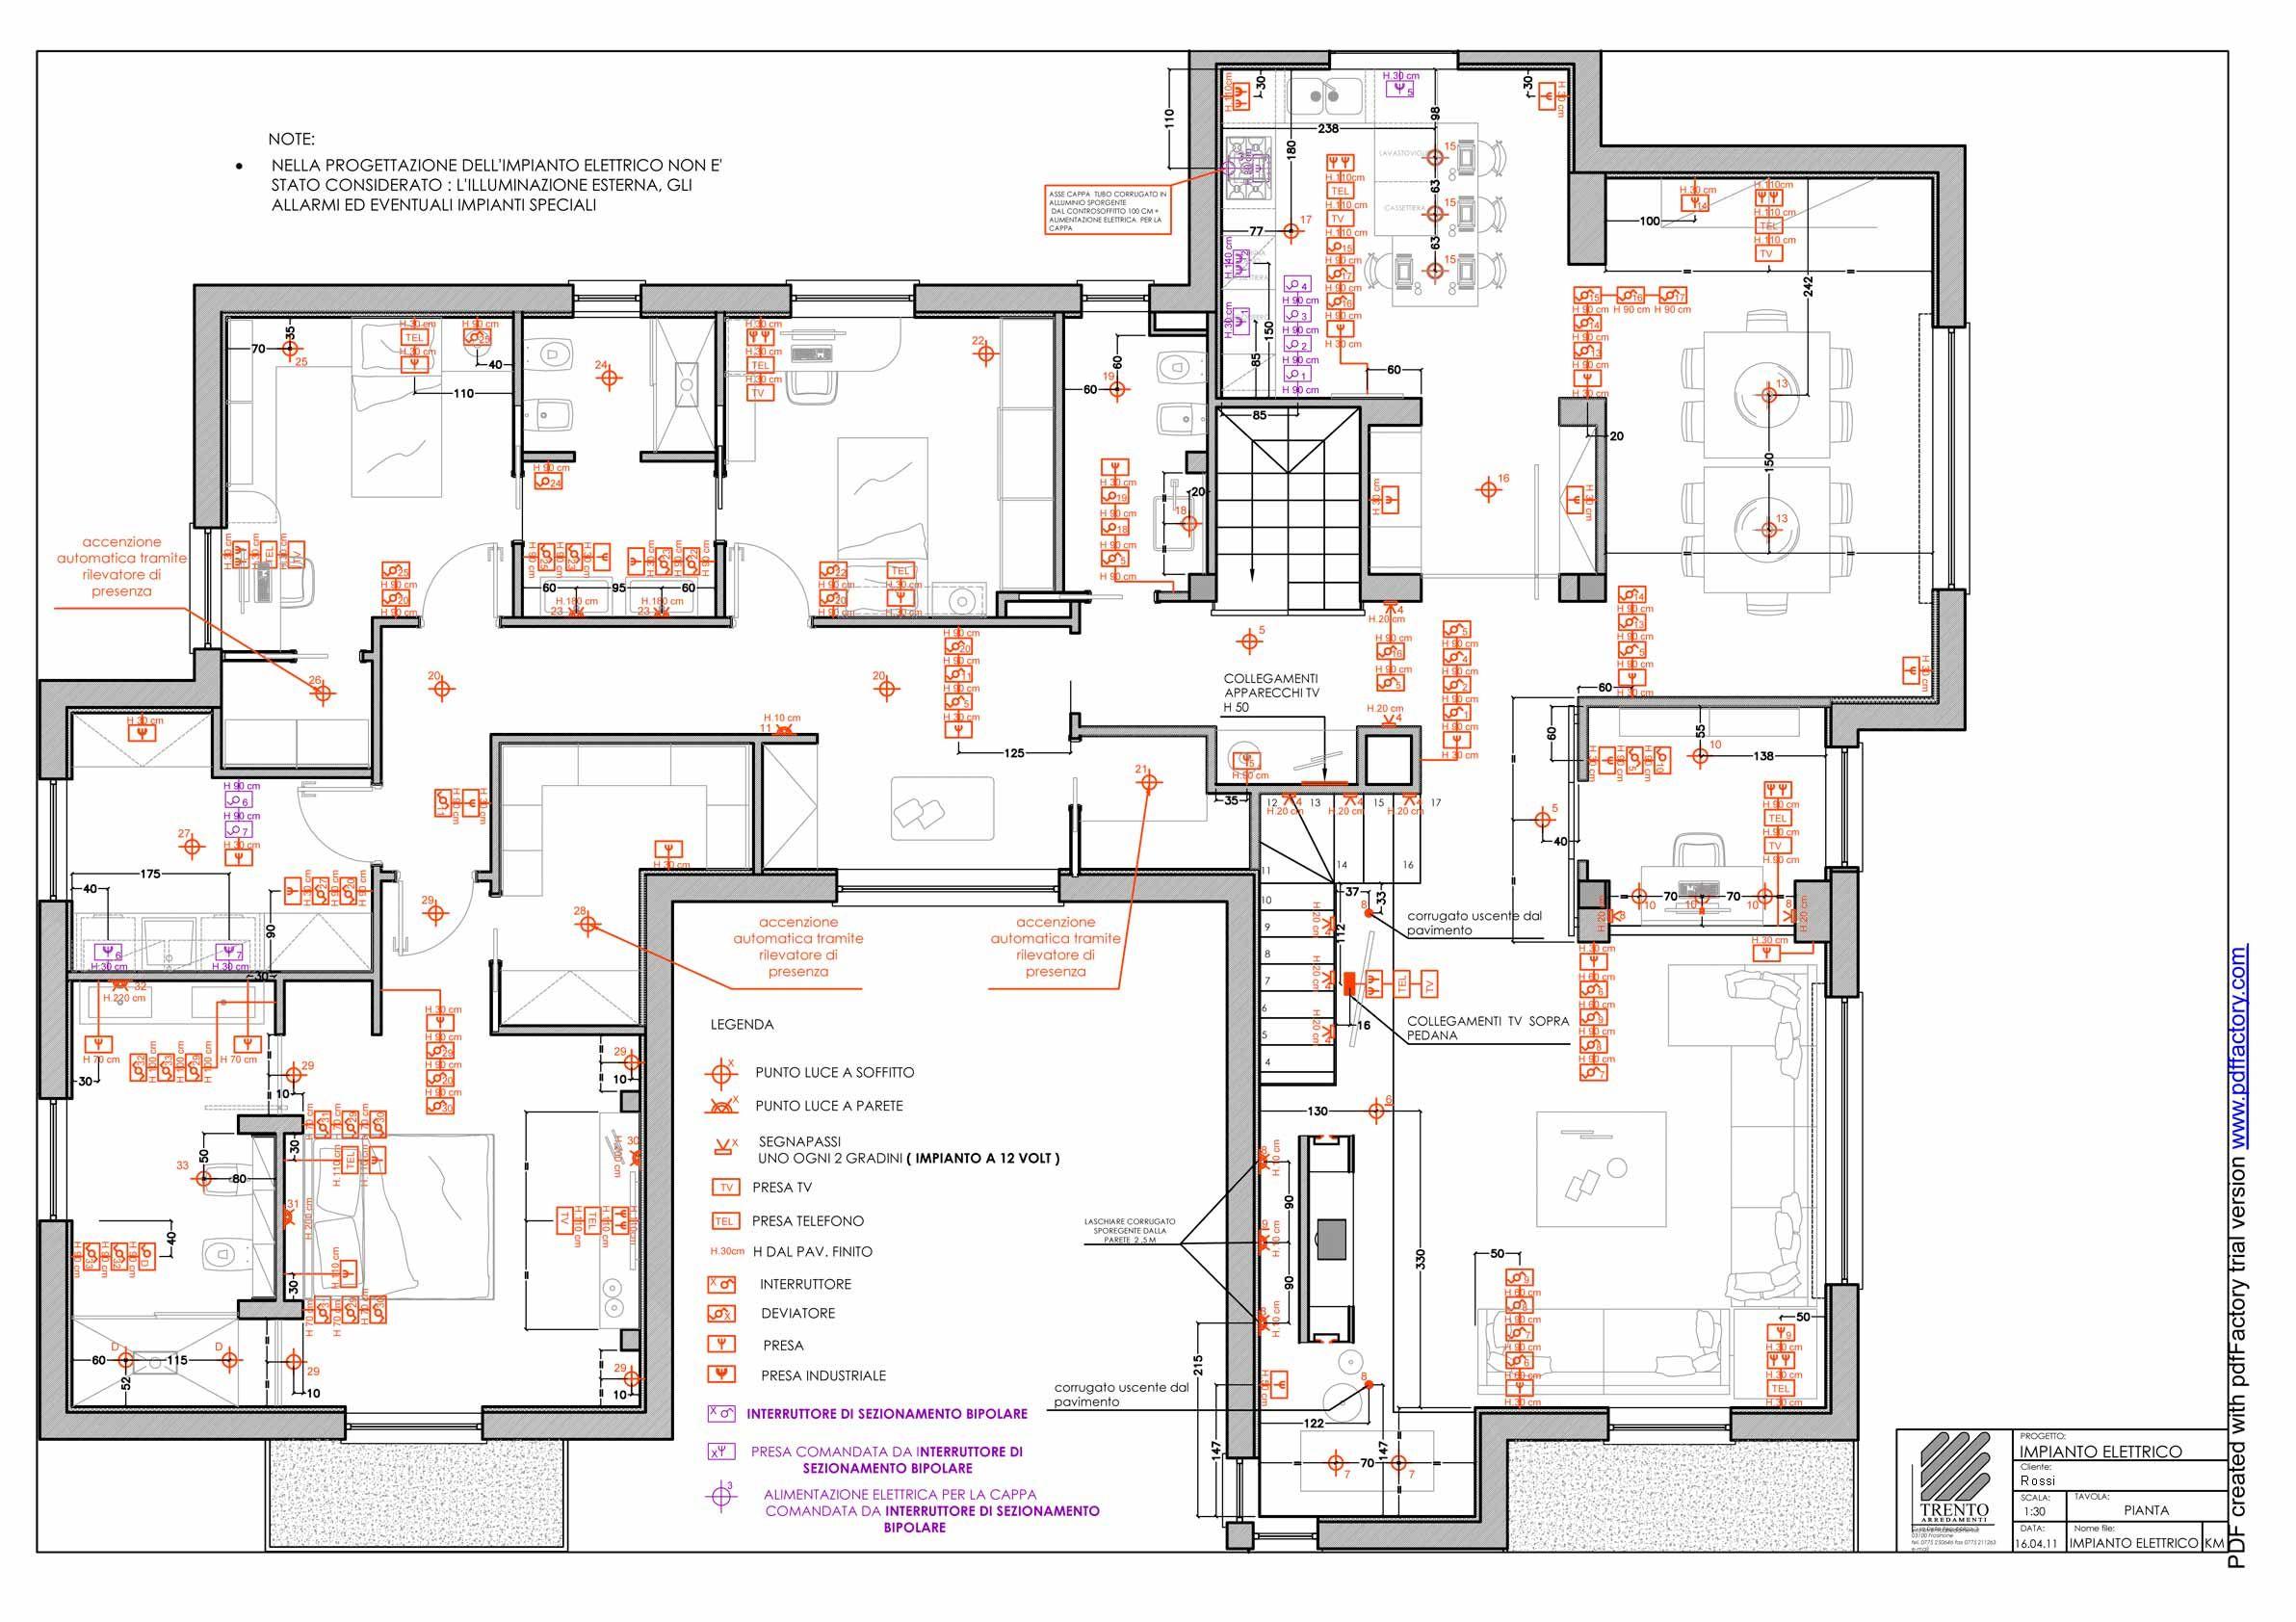 Schema Elettrico Phon : Schema progetto impianto elettrico progetti da provare